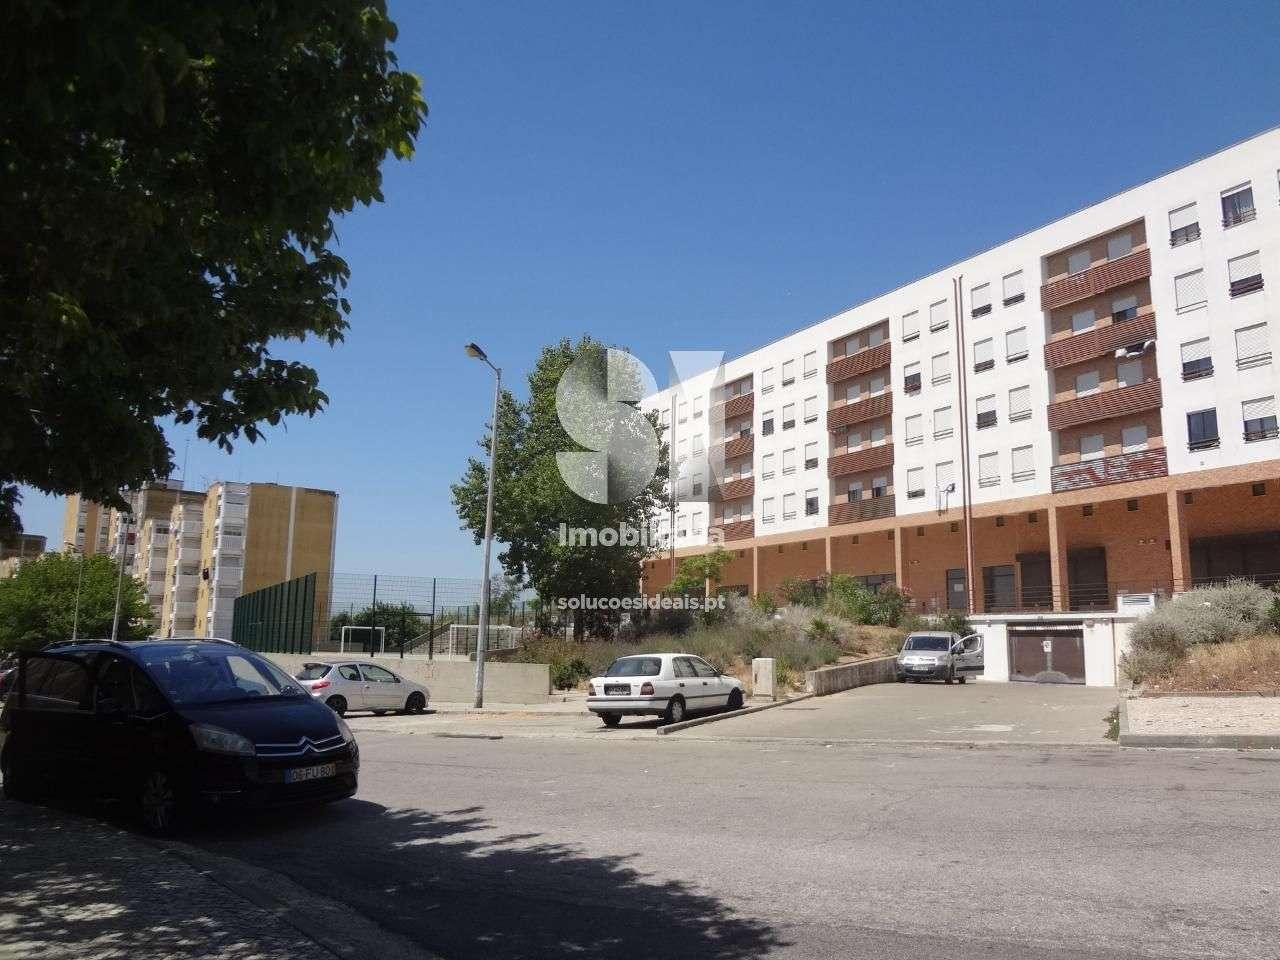 Apartamento para comprar, Caparica e Trafaria, Almada, Setúbal - Foto 18